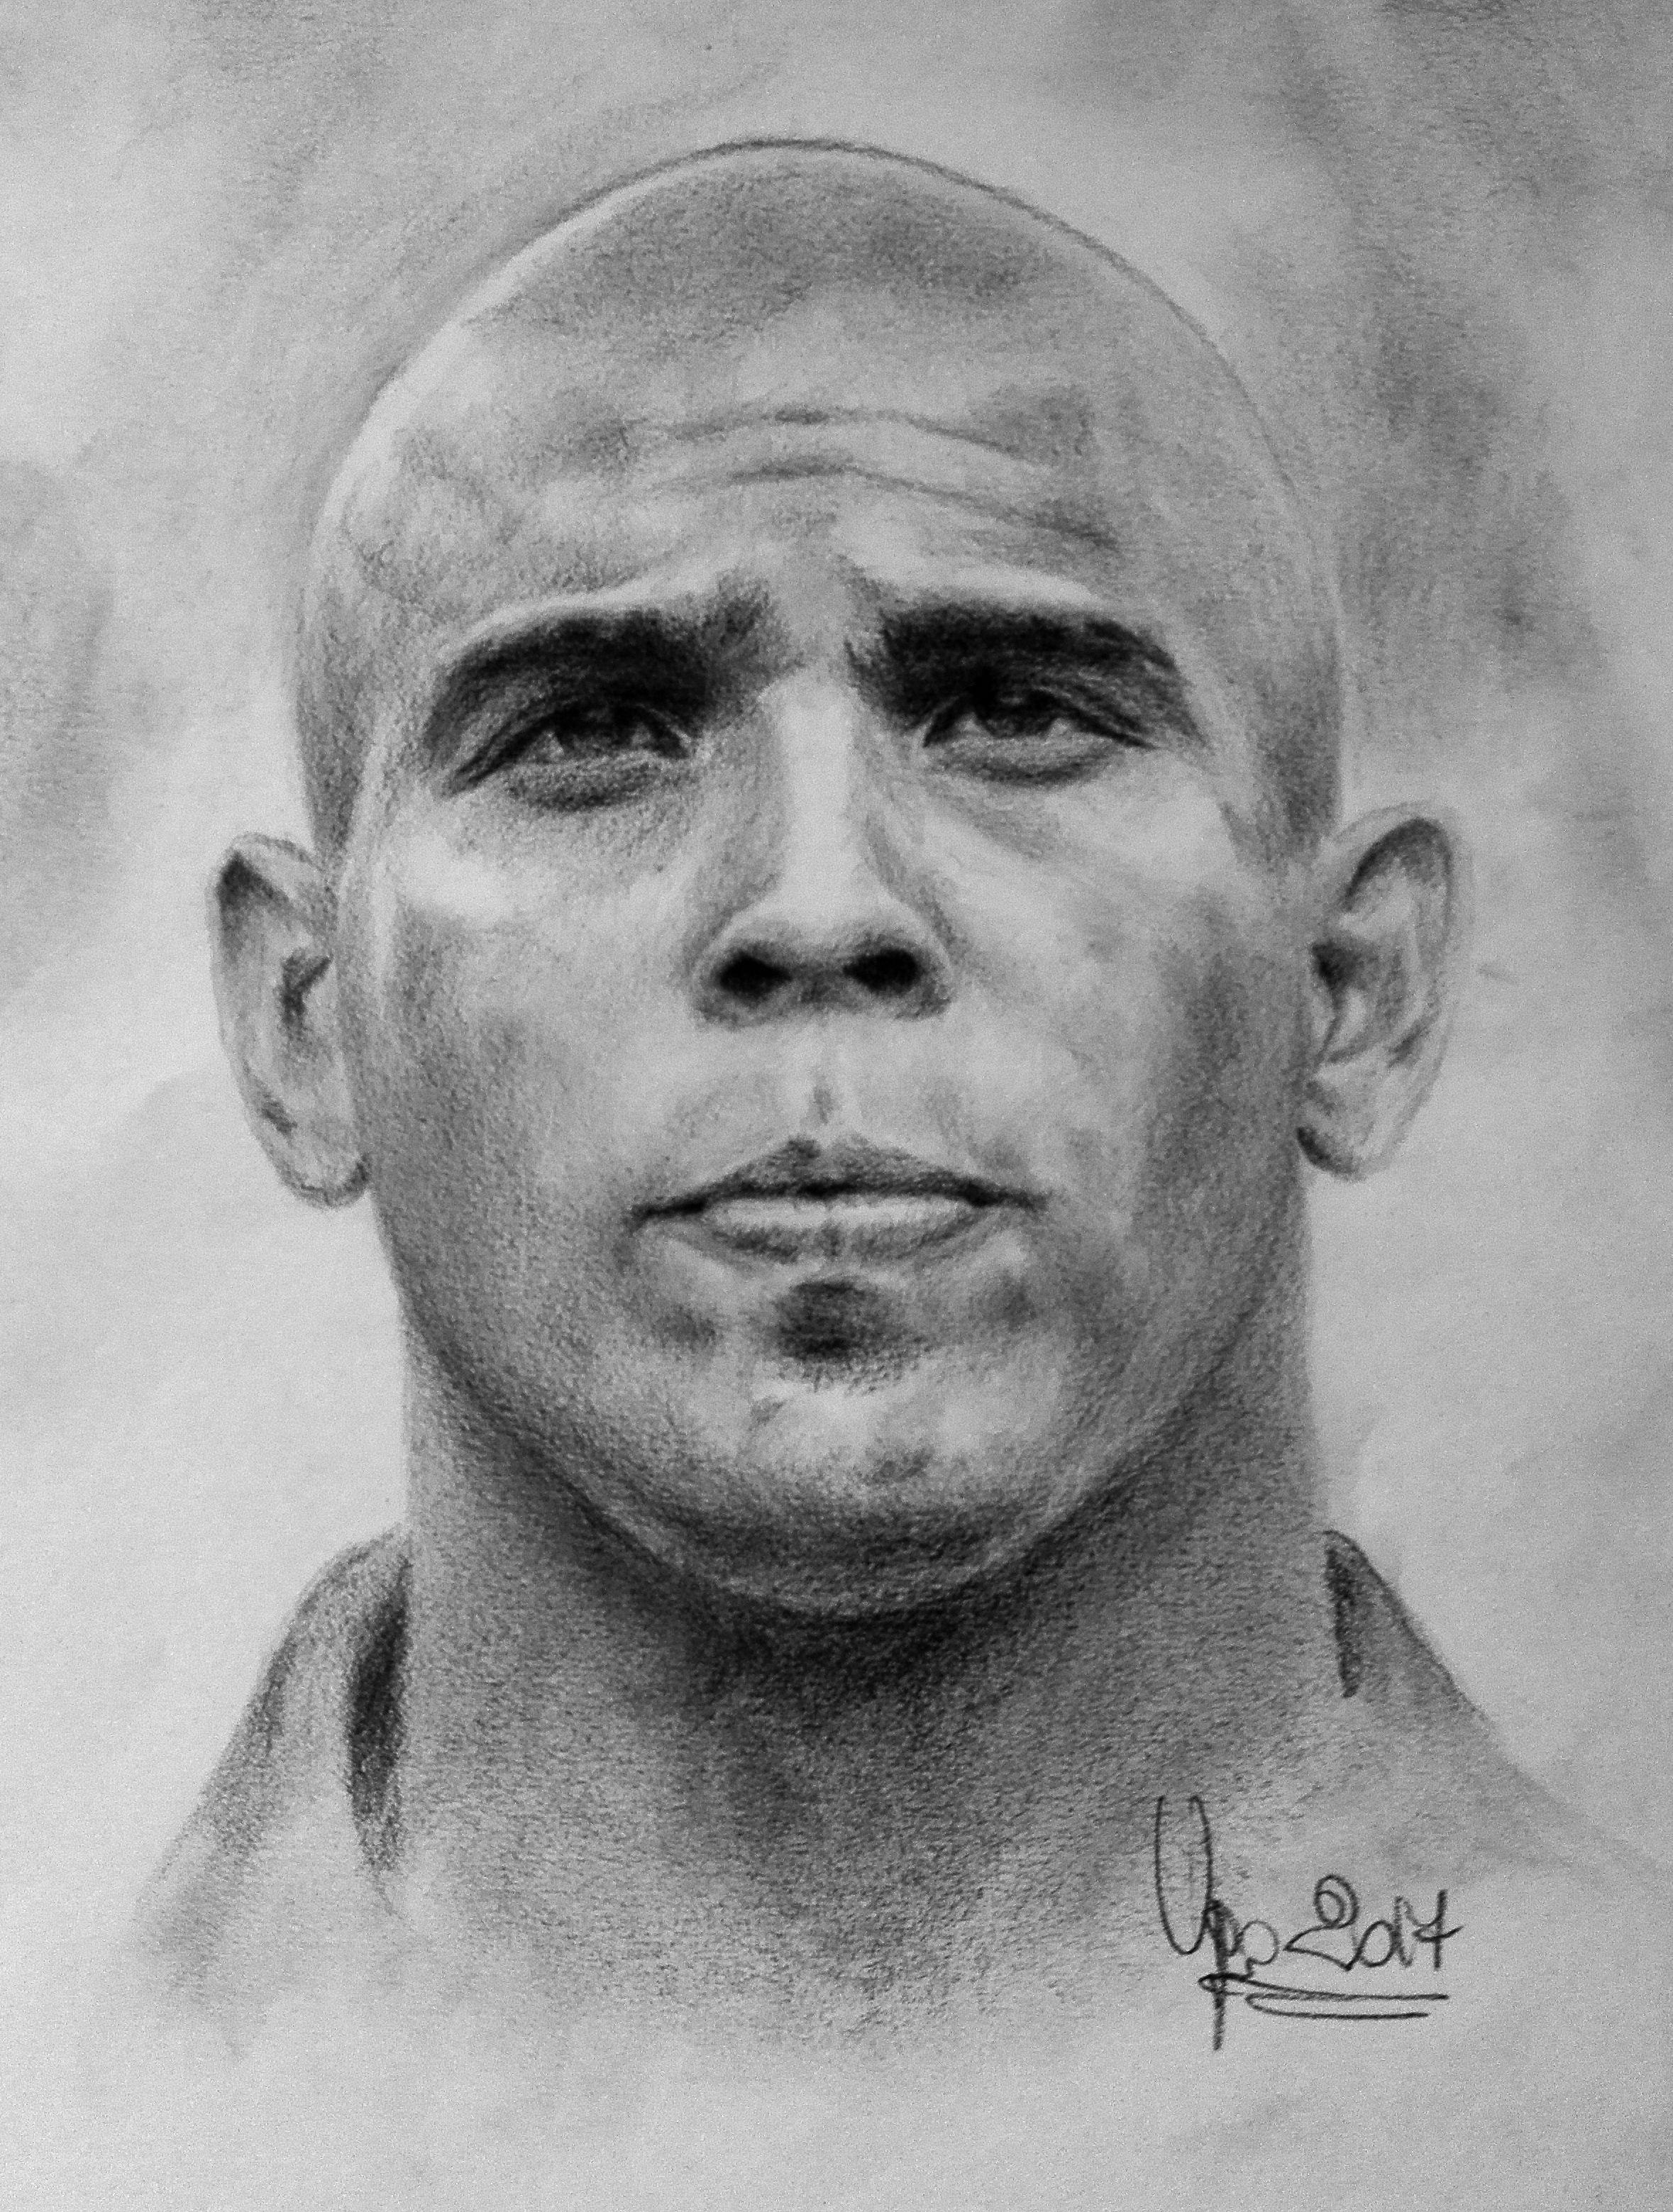 Ronaldo Nazario da Lima. Pencils and charcoal by U